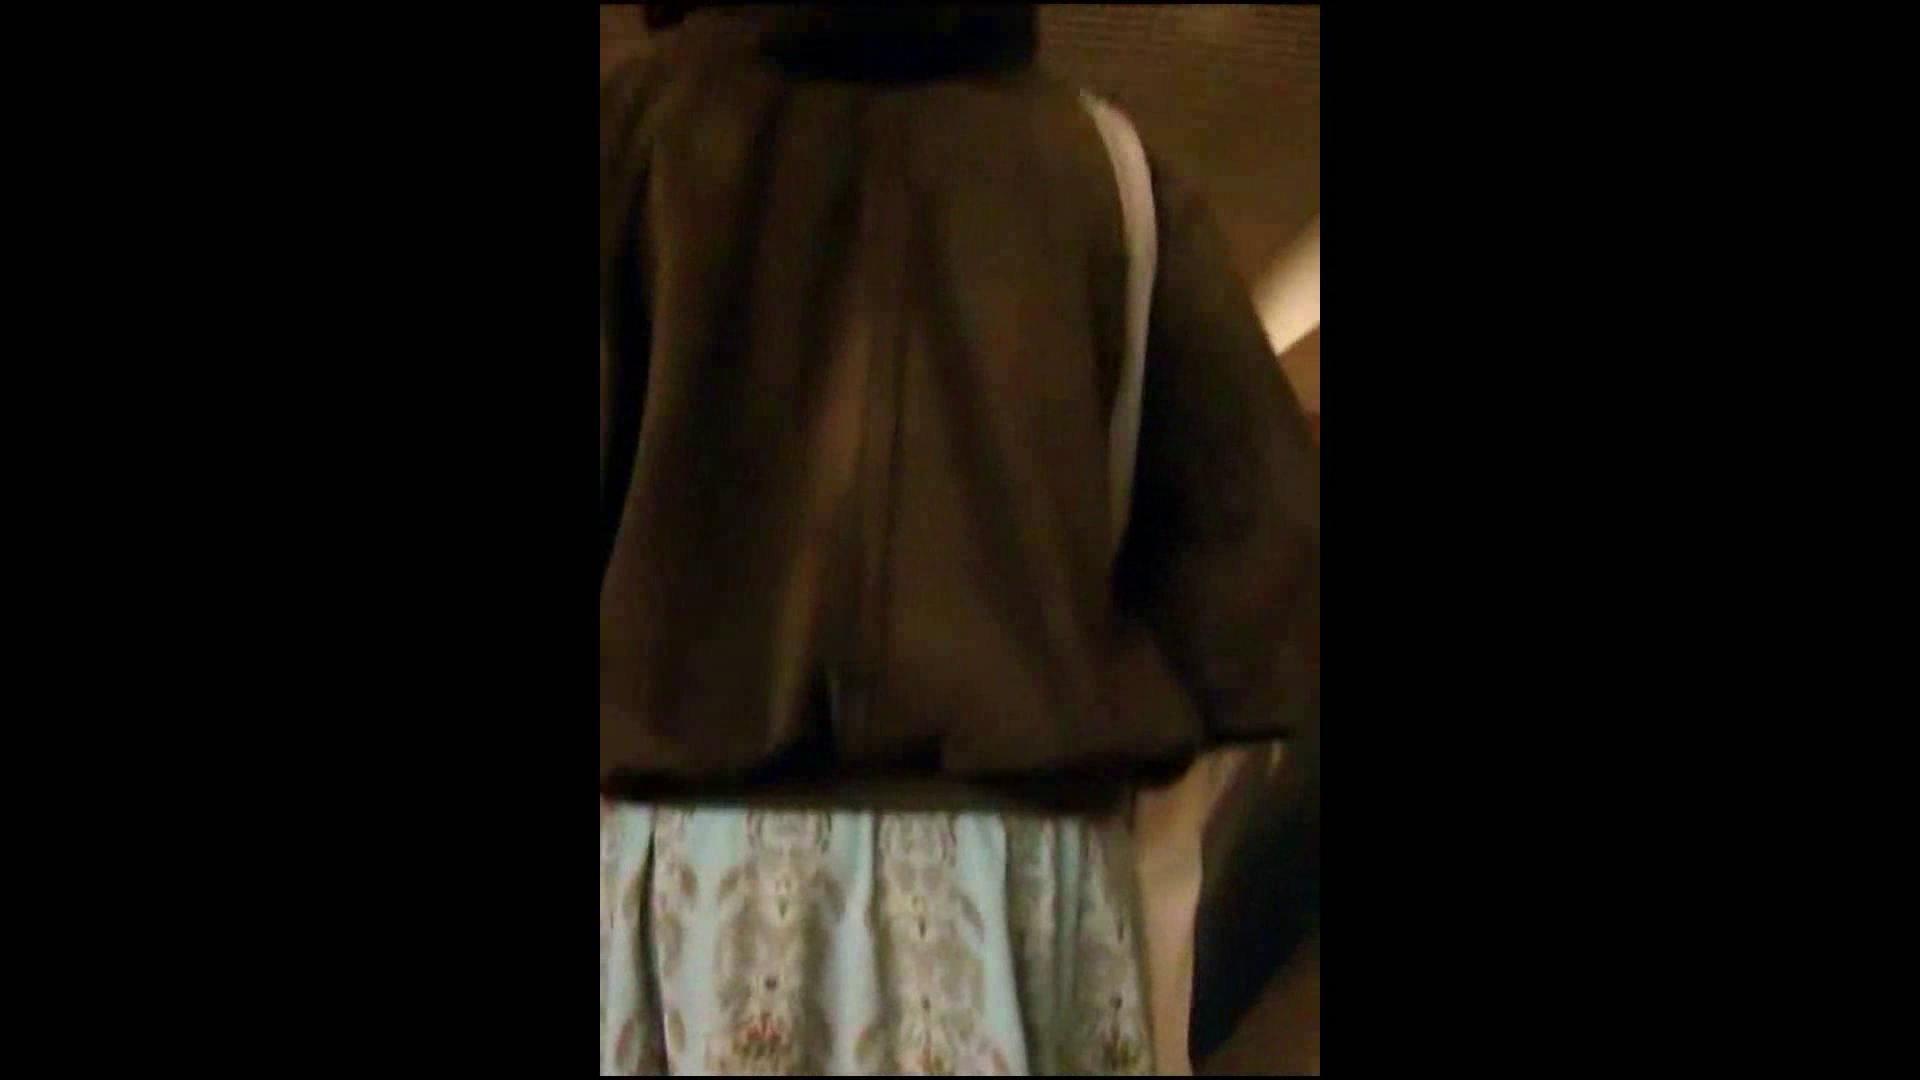 綺麗なモデルさんのスカート捲っちゃおう‼vol05 超エロモデル  98枚 51